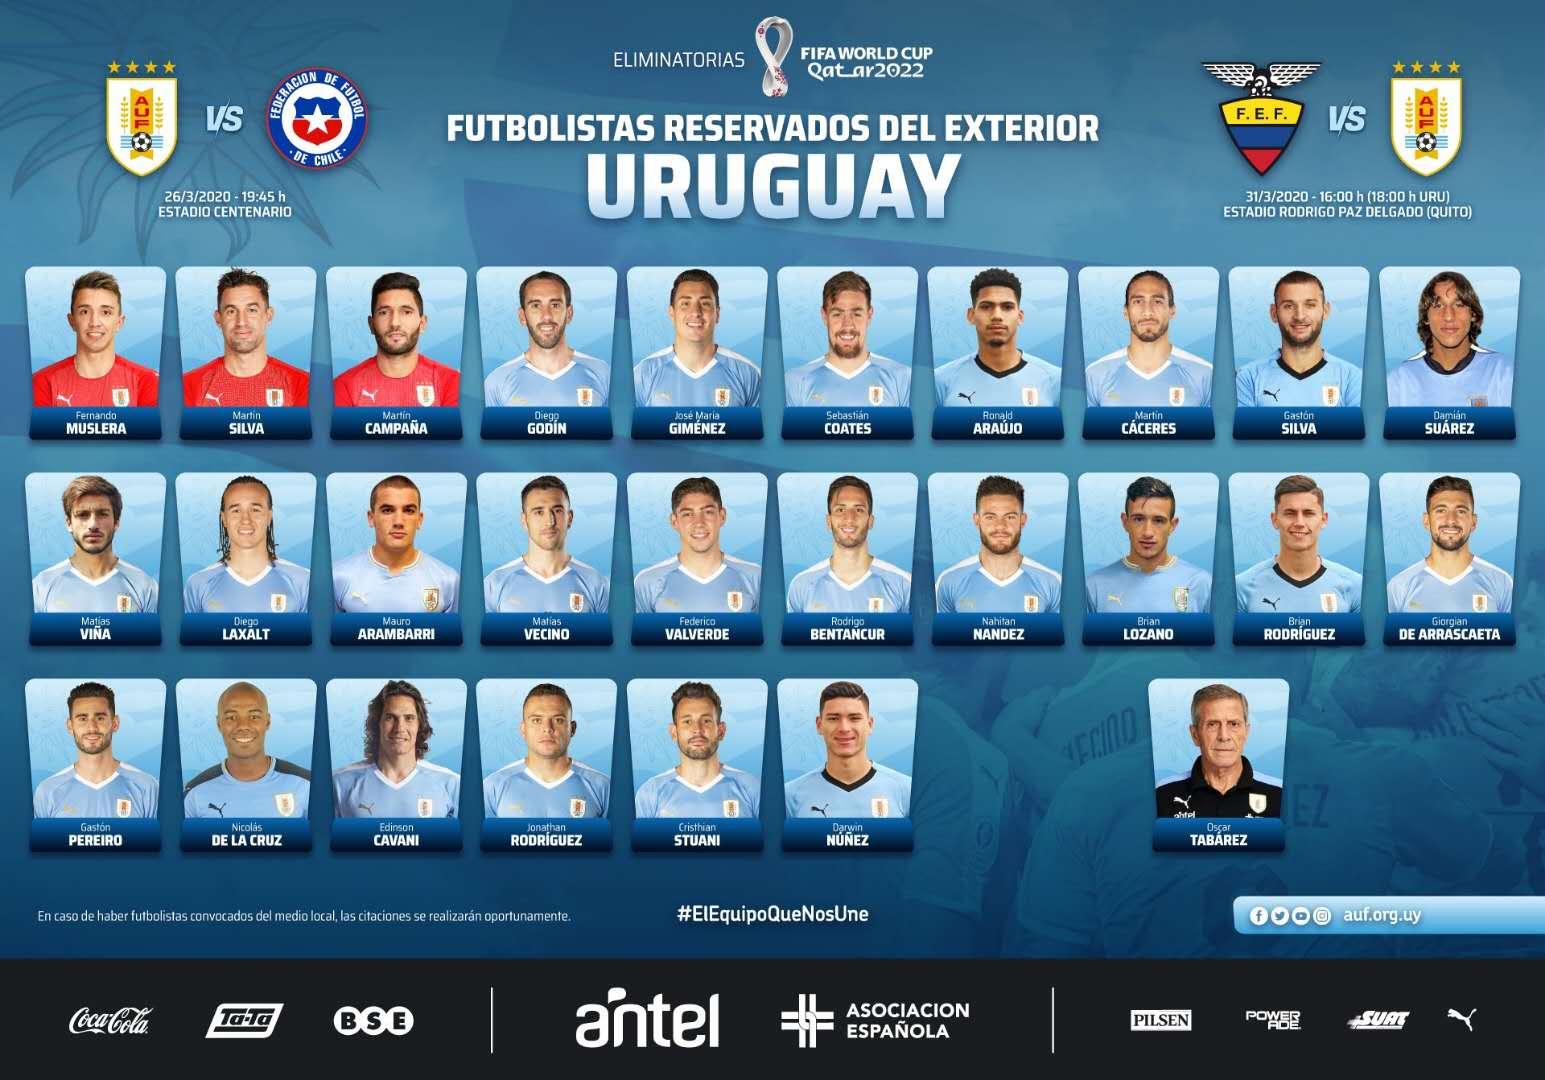 乌拉圭世预赛名单:巴尔韦德在列,苏亚雷斯托雷拉伤缺